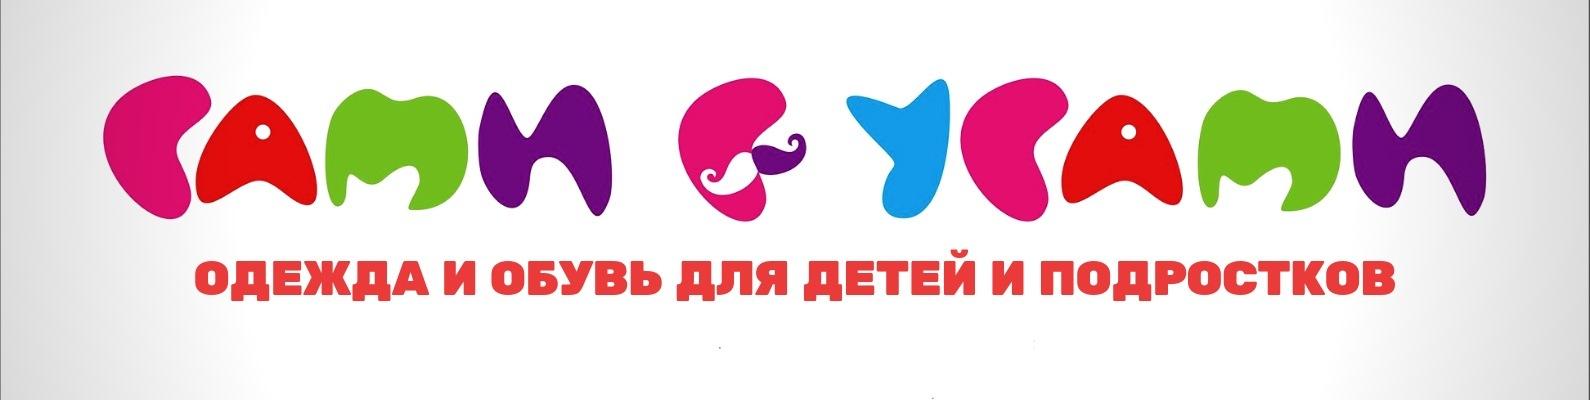 7333ed846af0 САМИ С УСАМИ - финская одежда для детей. | ВКонтакте